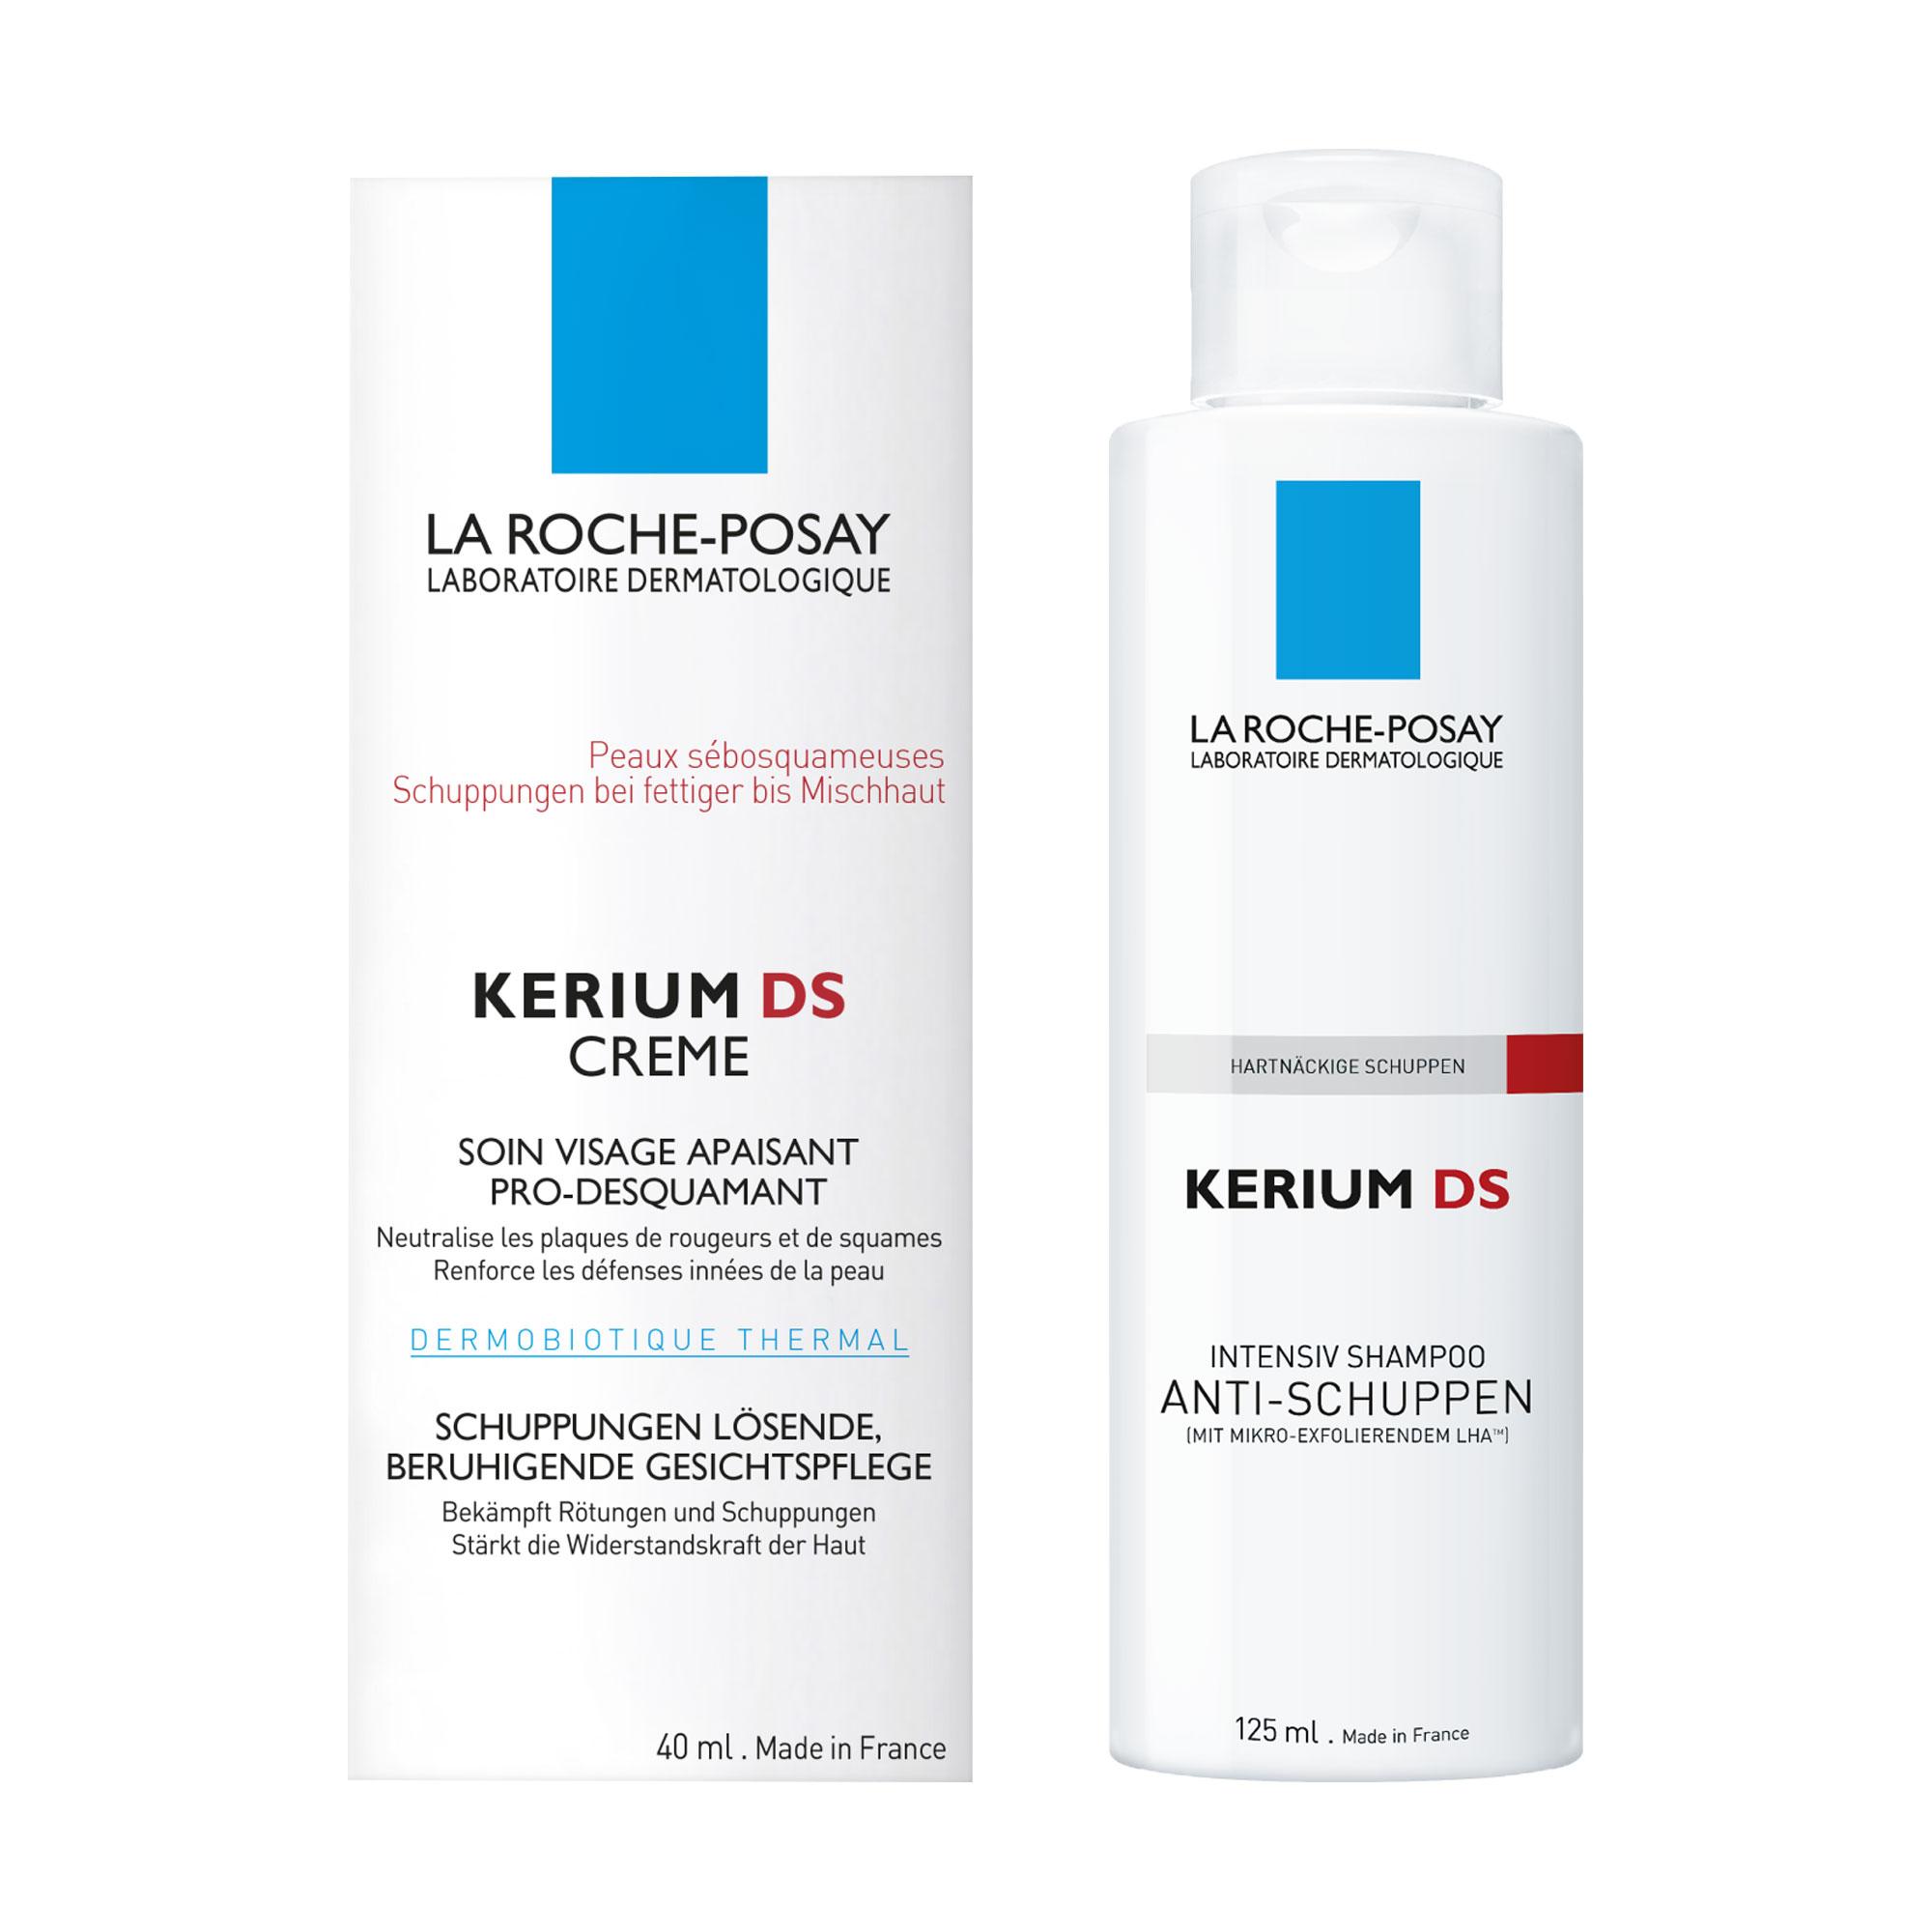 Roche Posay Kerium Intensivkur Schuppen Shampoo